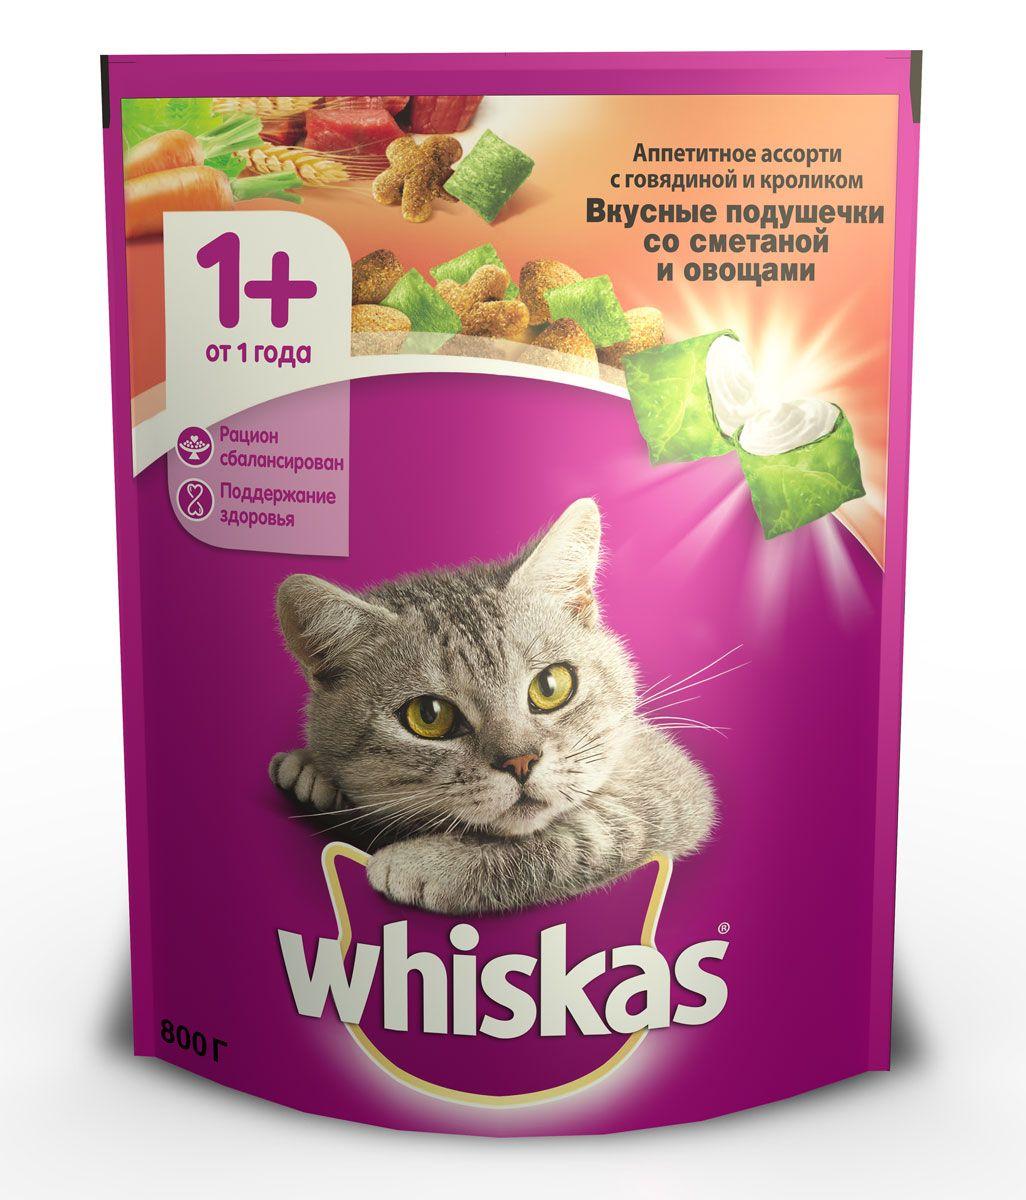 Корм сухой для кошек Whiskas, подушечки со сметаной и овощами, говядиной и кроликом, 800 г41357